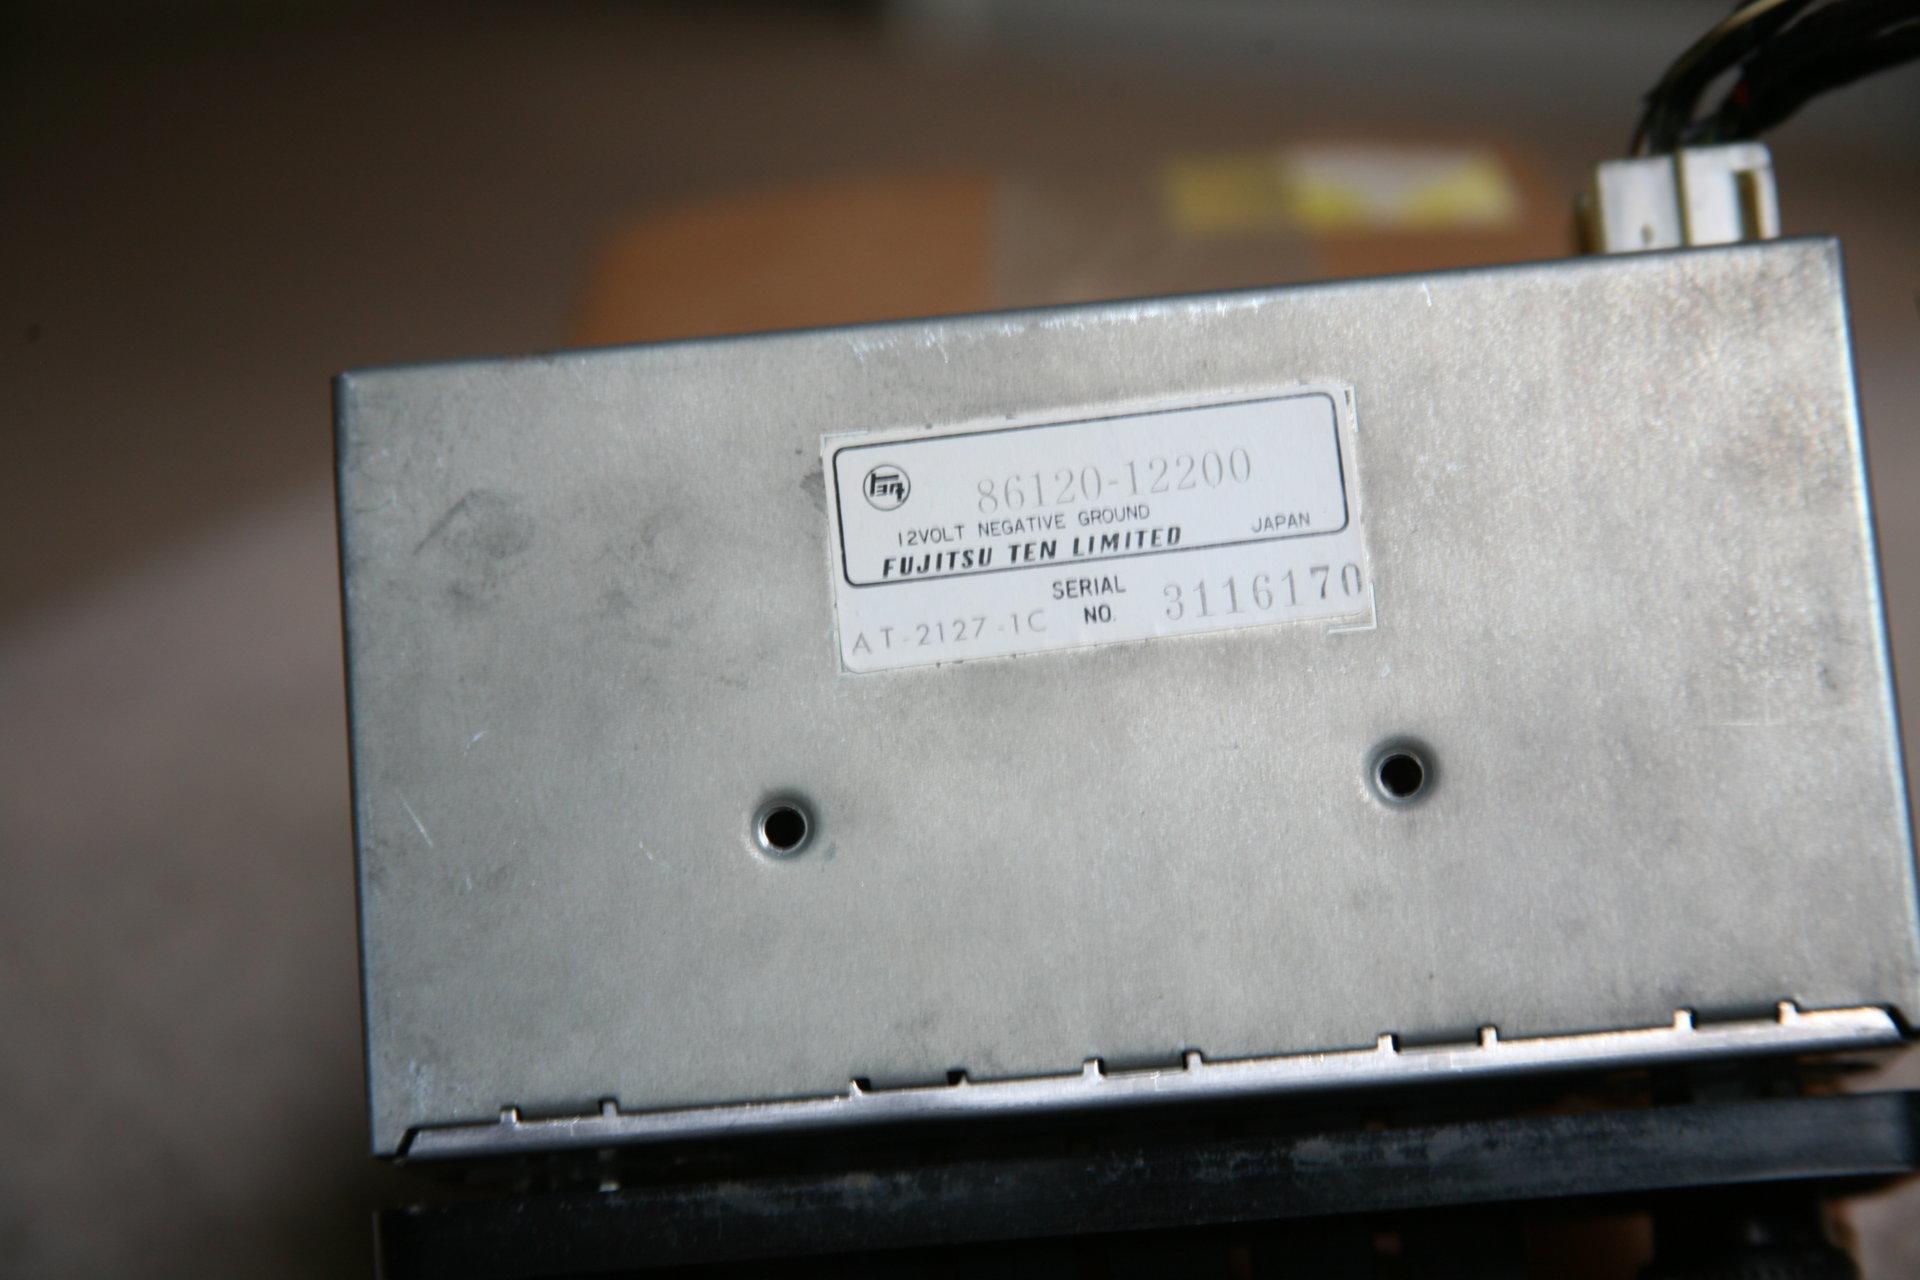 6CAFB30F-CE6B-474F-B62B-7710A945DBD2.jpeg